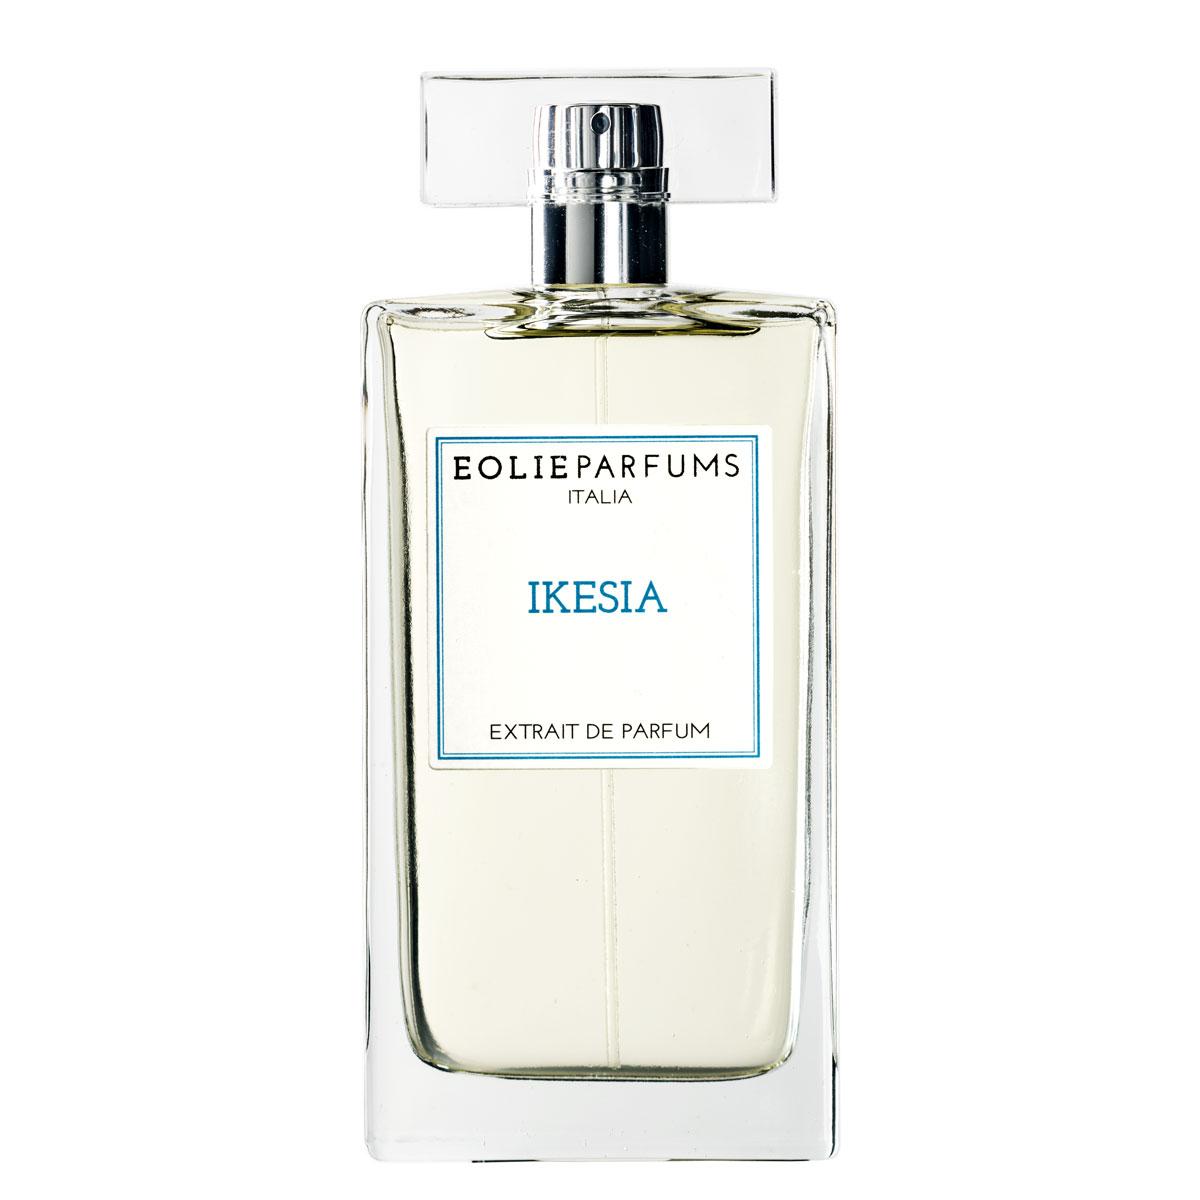 IKESIA' EXTRAIT DE PARFUM – Eolieparfums